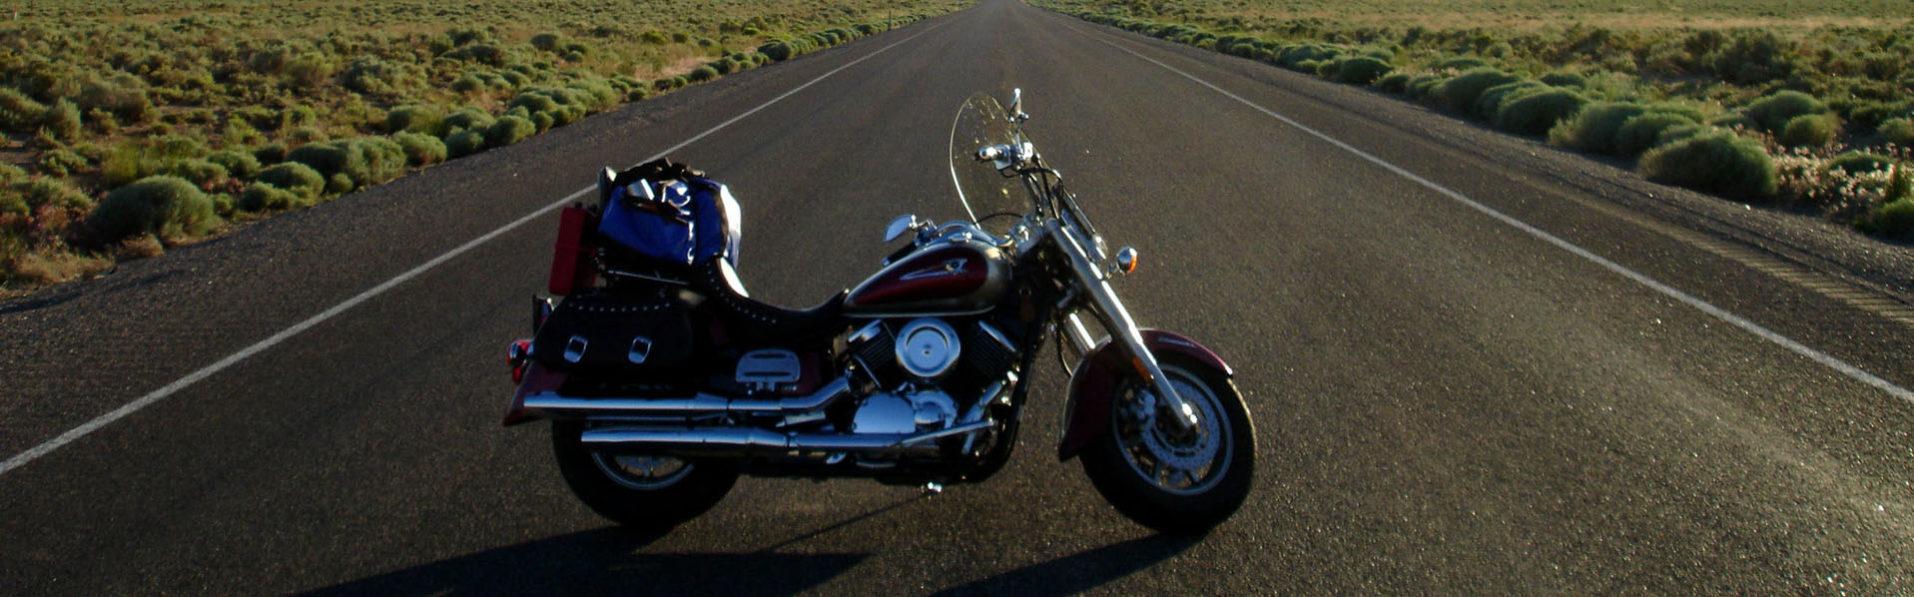 motocykl na slider zdjęcie 03